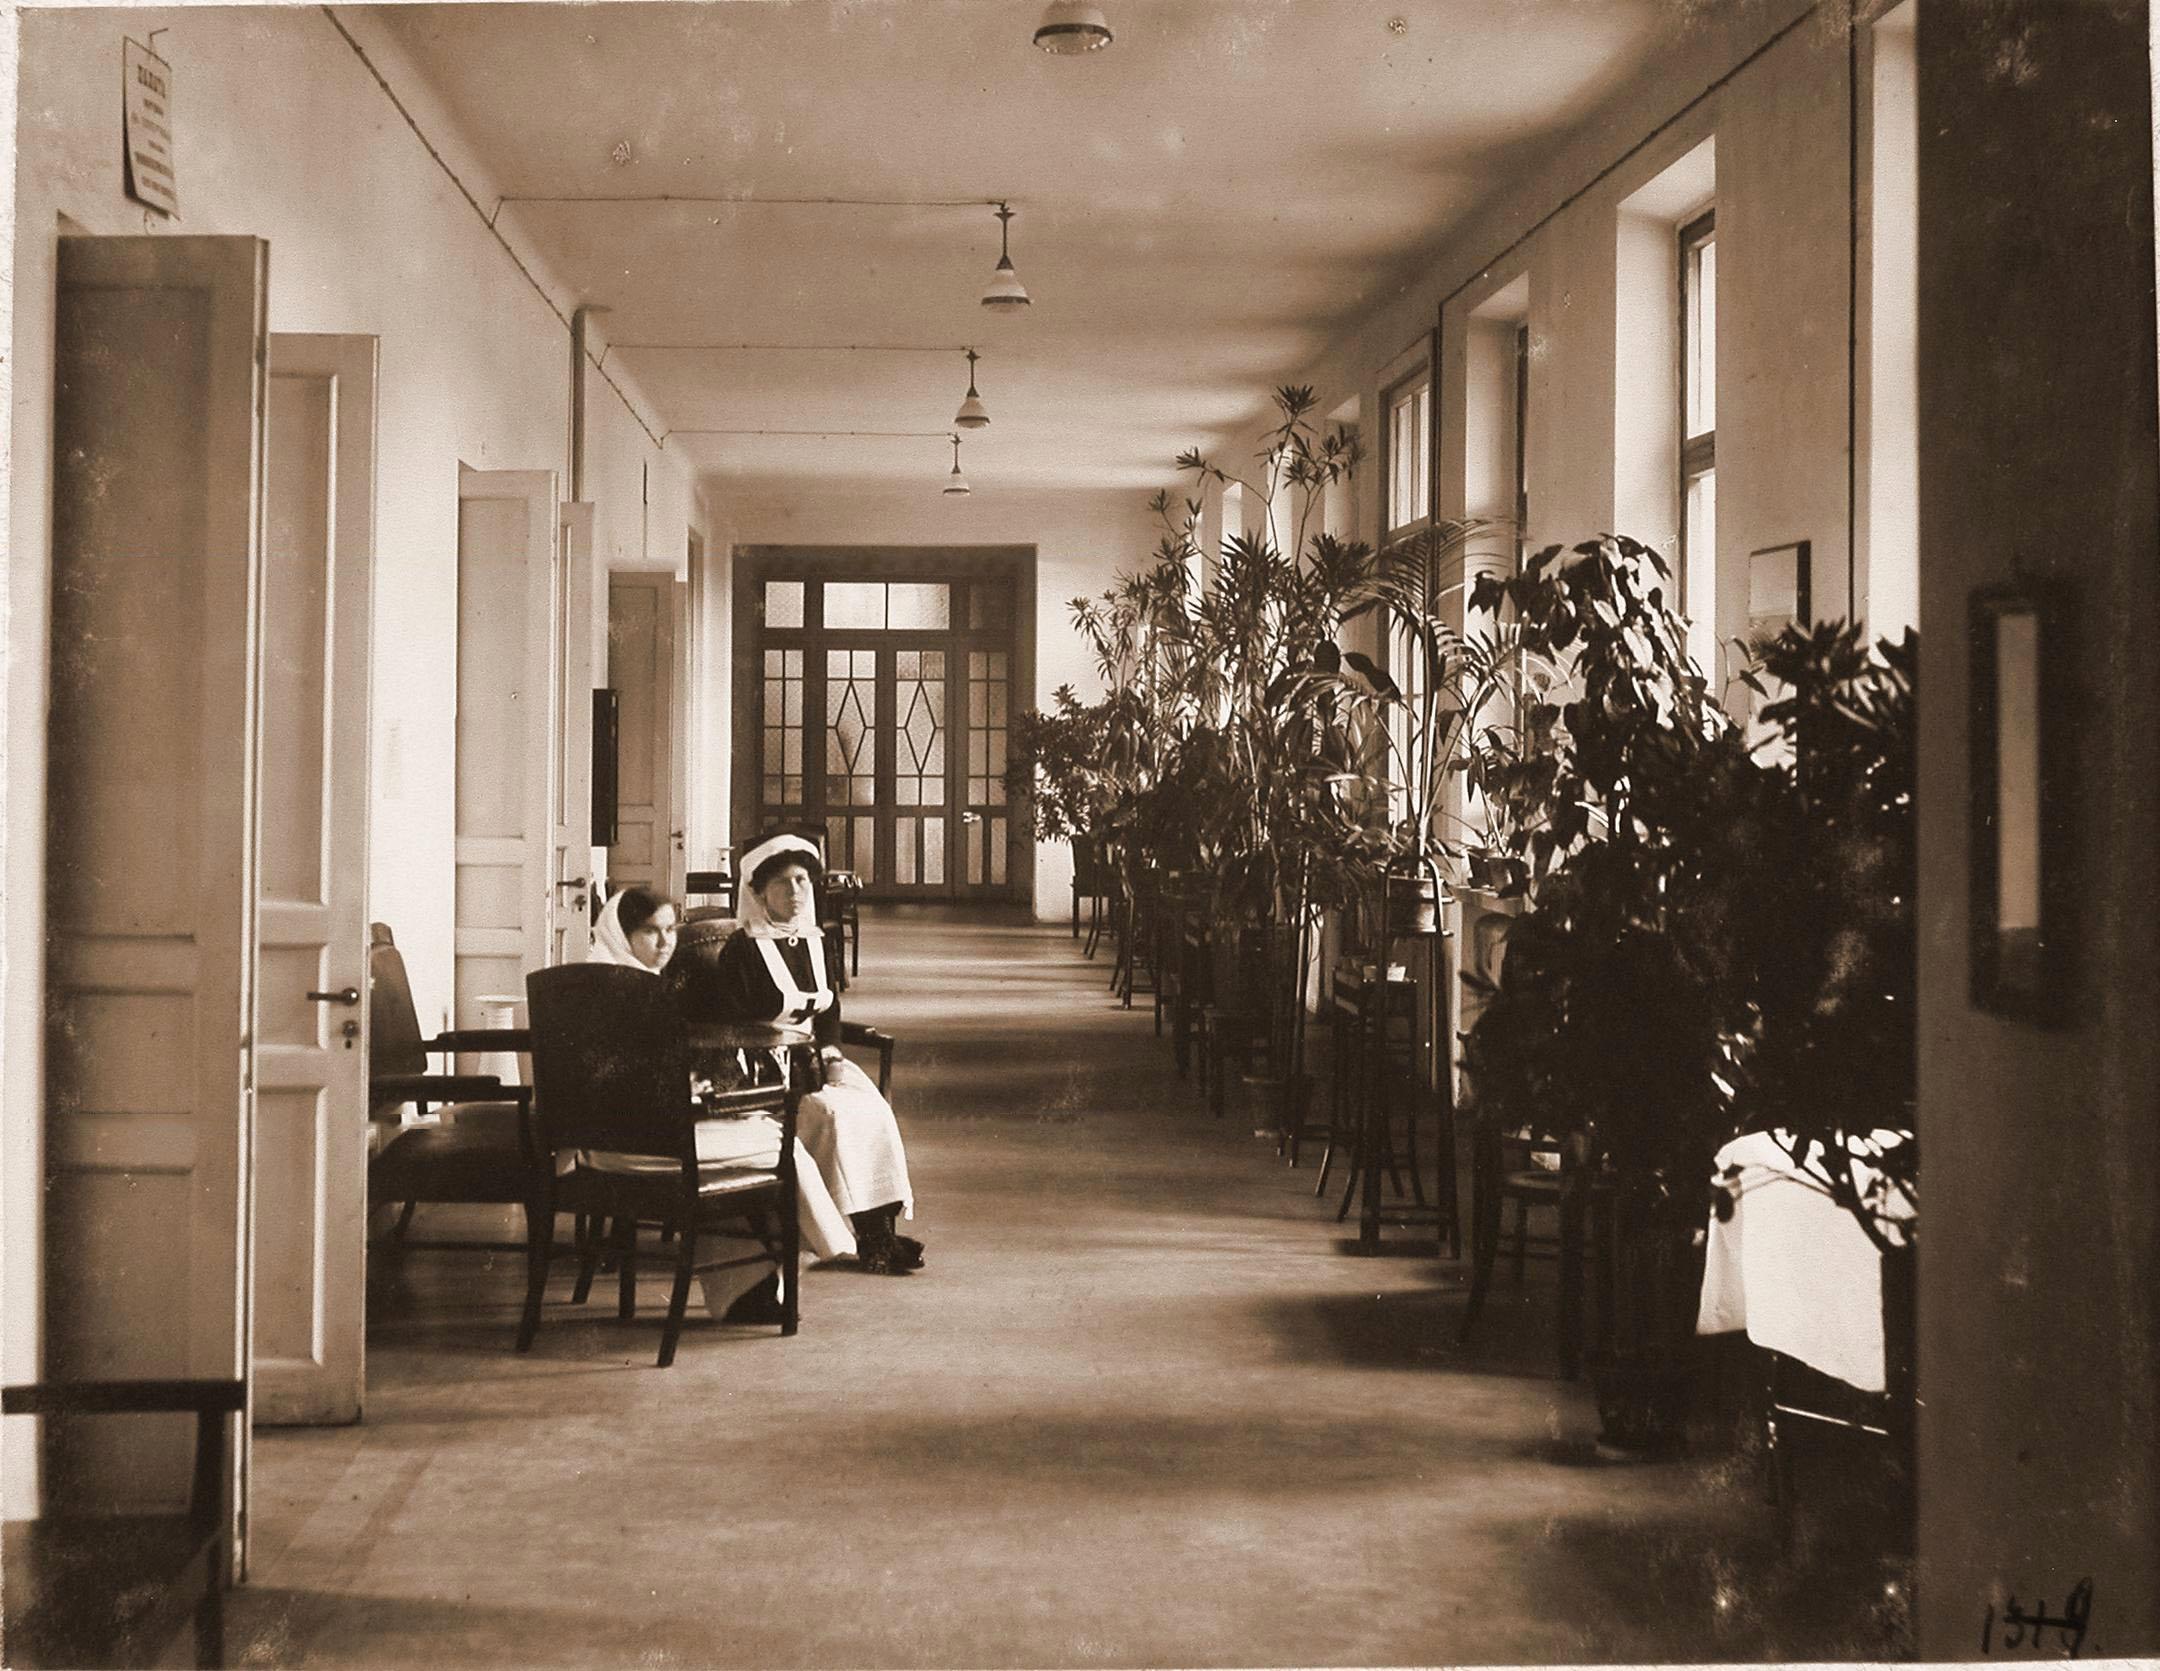 Сёстры милосердия в коридоре 1-го этажа больницы